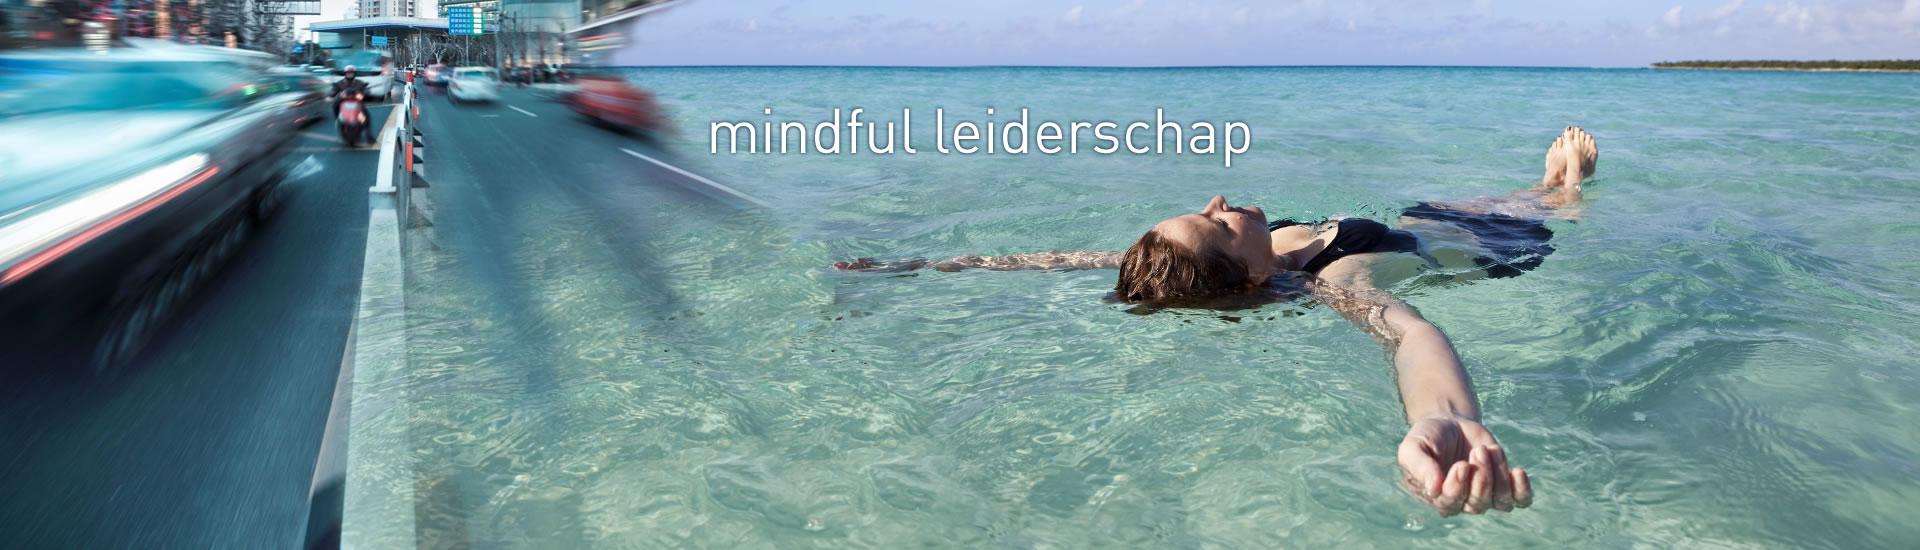 mindful-leiderschap4